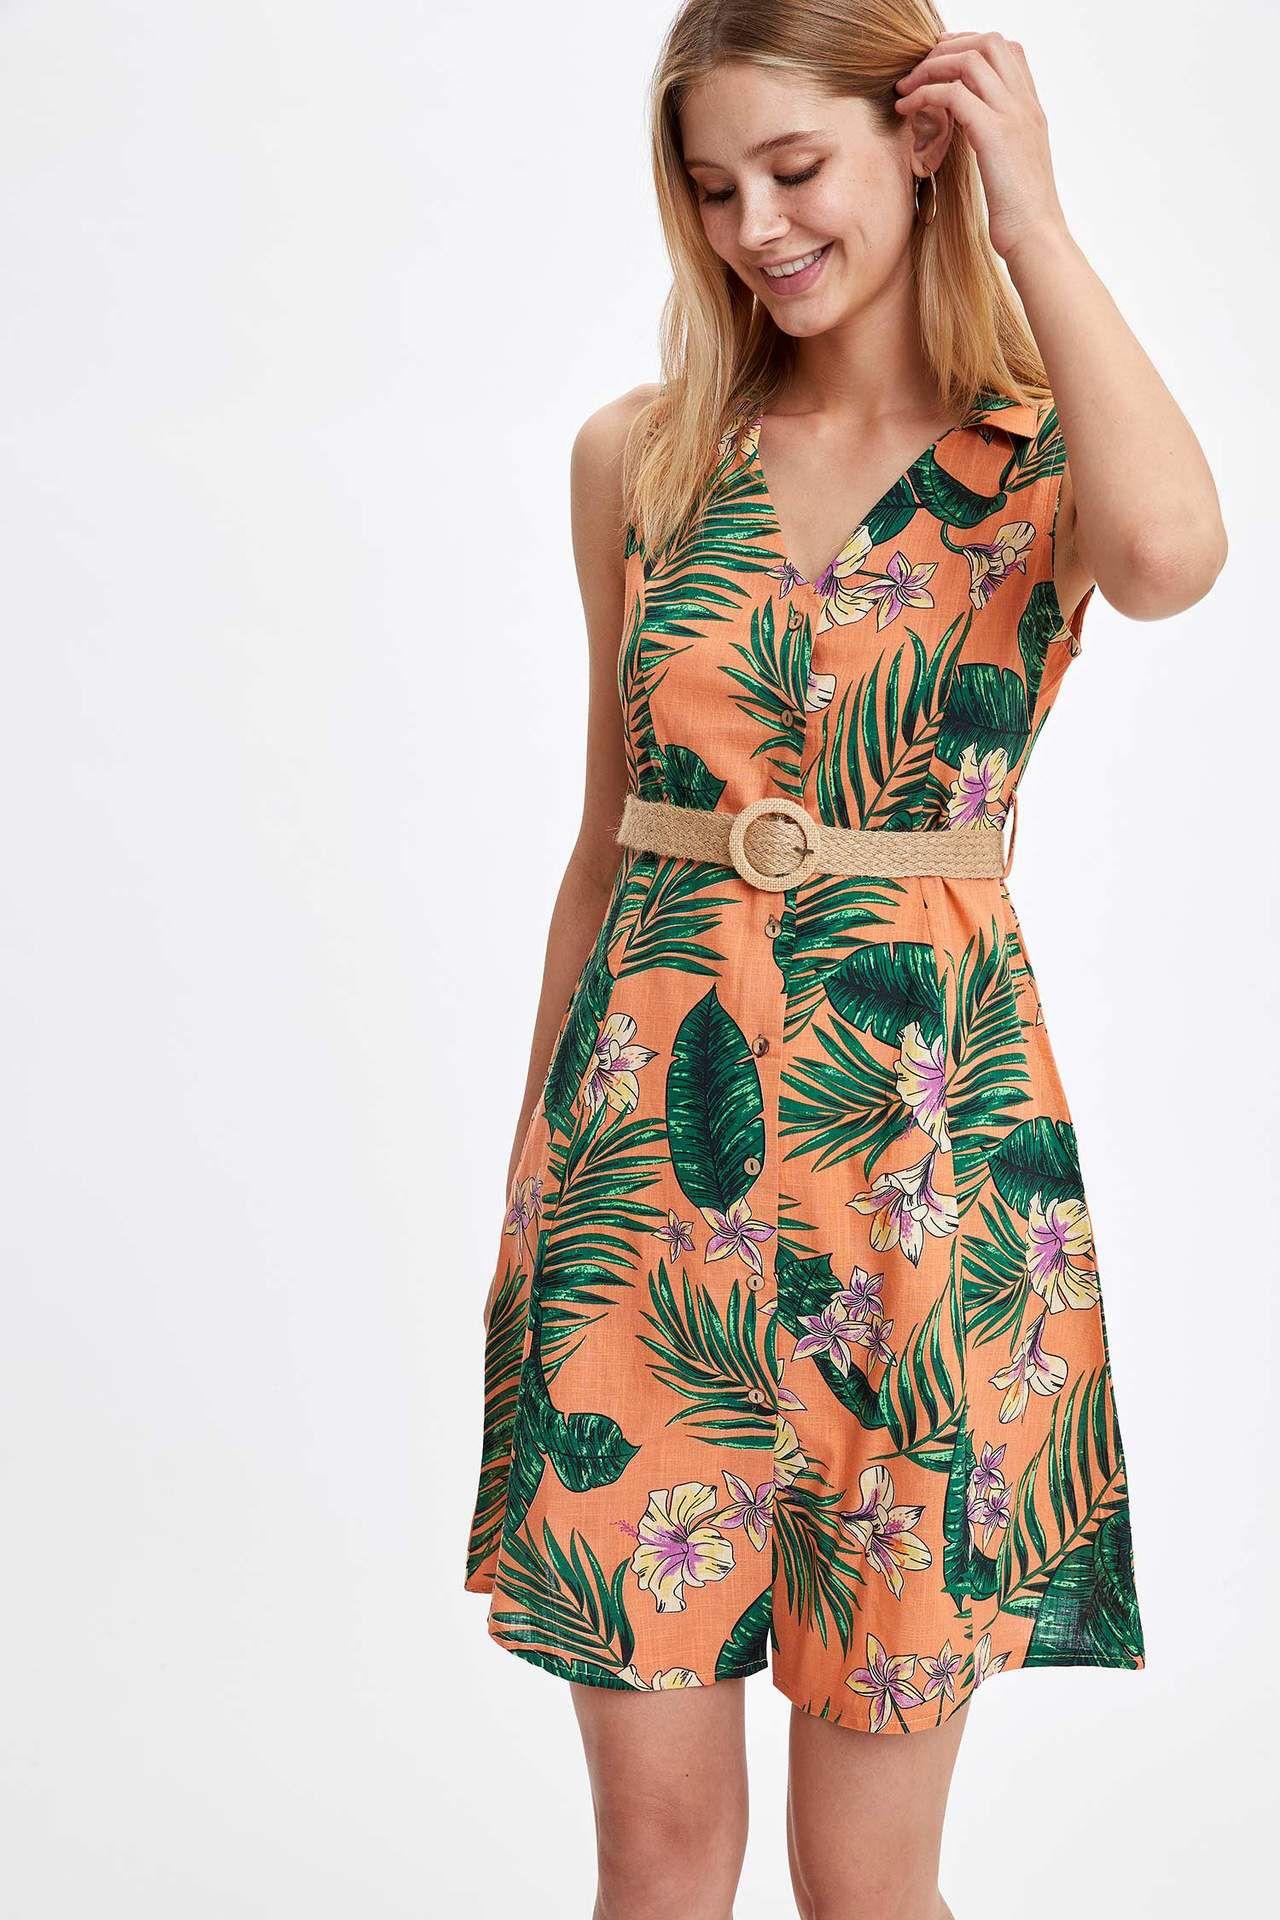 Defacto Indirim Adli Kullanicinin Indirim Panosundaki Pin 2020 Gomlek Elbise The Dress Moda Stilleri